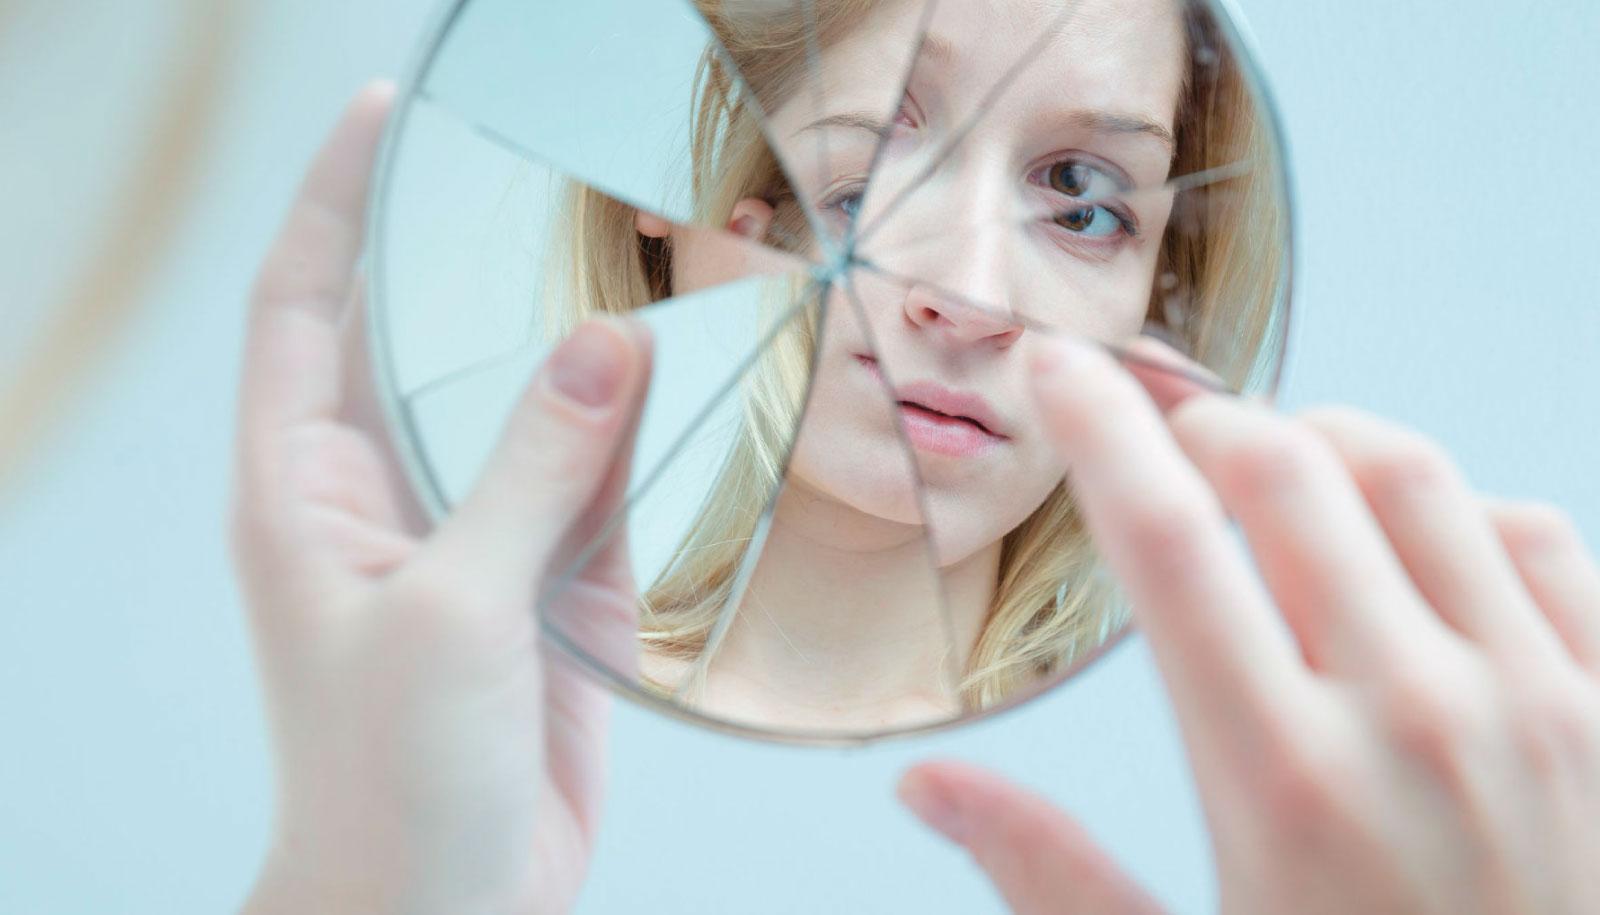 El suicidio y el trastorno bipolar. La silenciada posibilidad